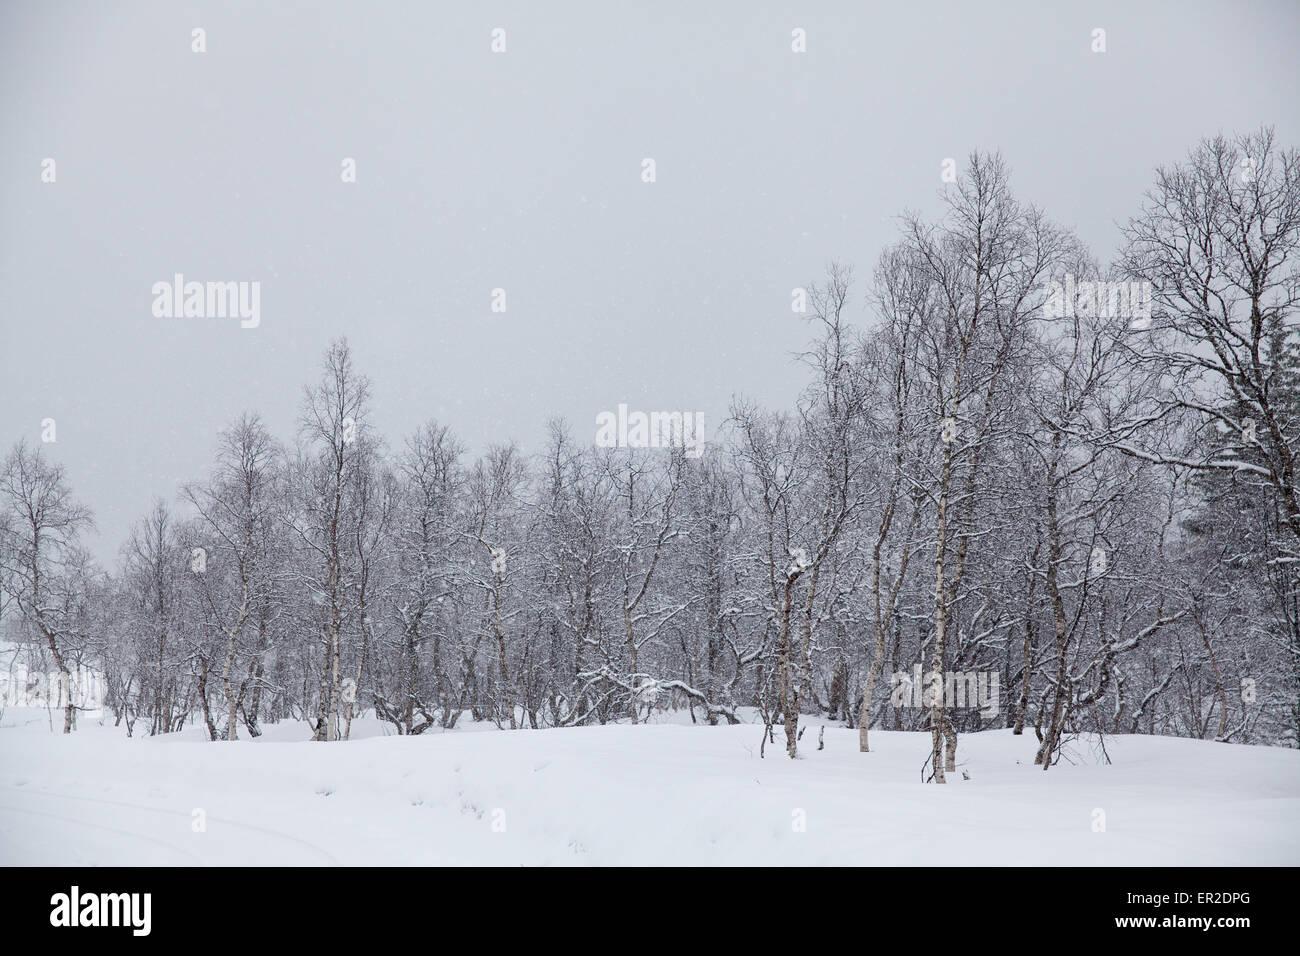 Schnee und Birken in Vengedalen, Rauma Kommune Møre Og Romsdal, Norwegen. Stockbild